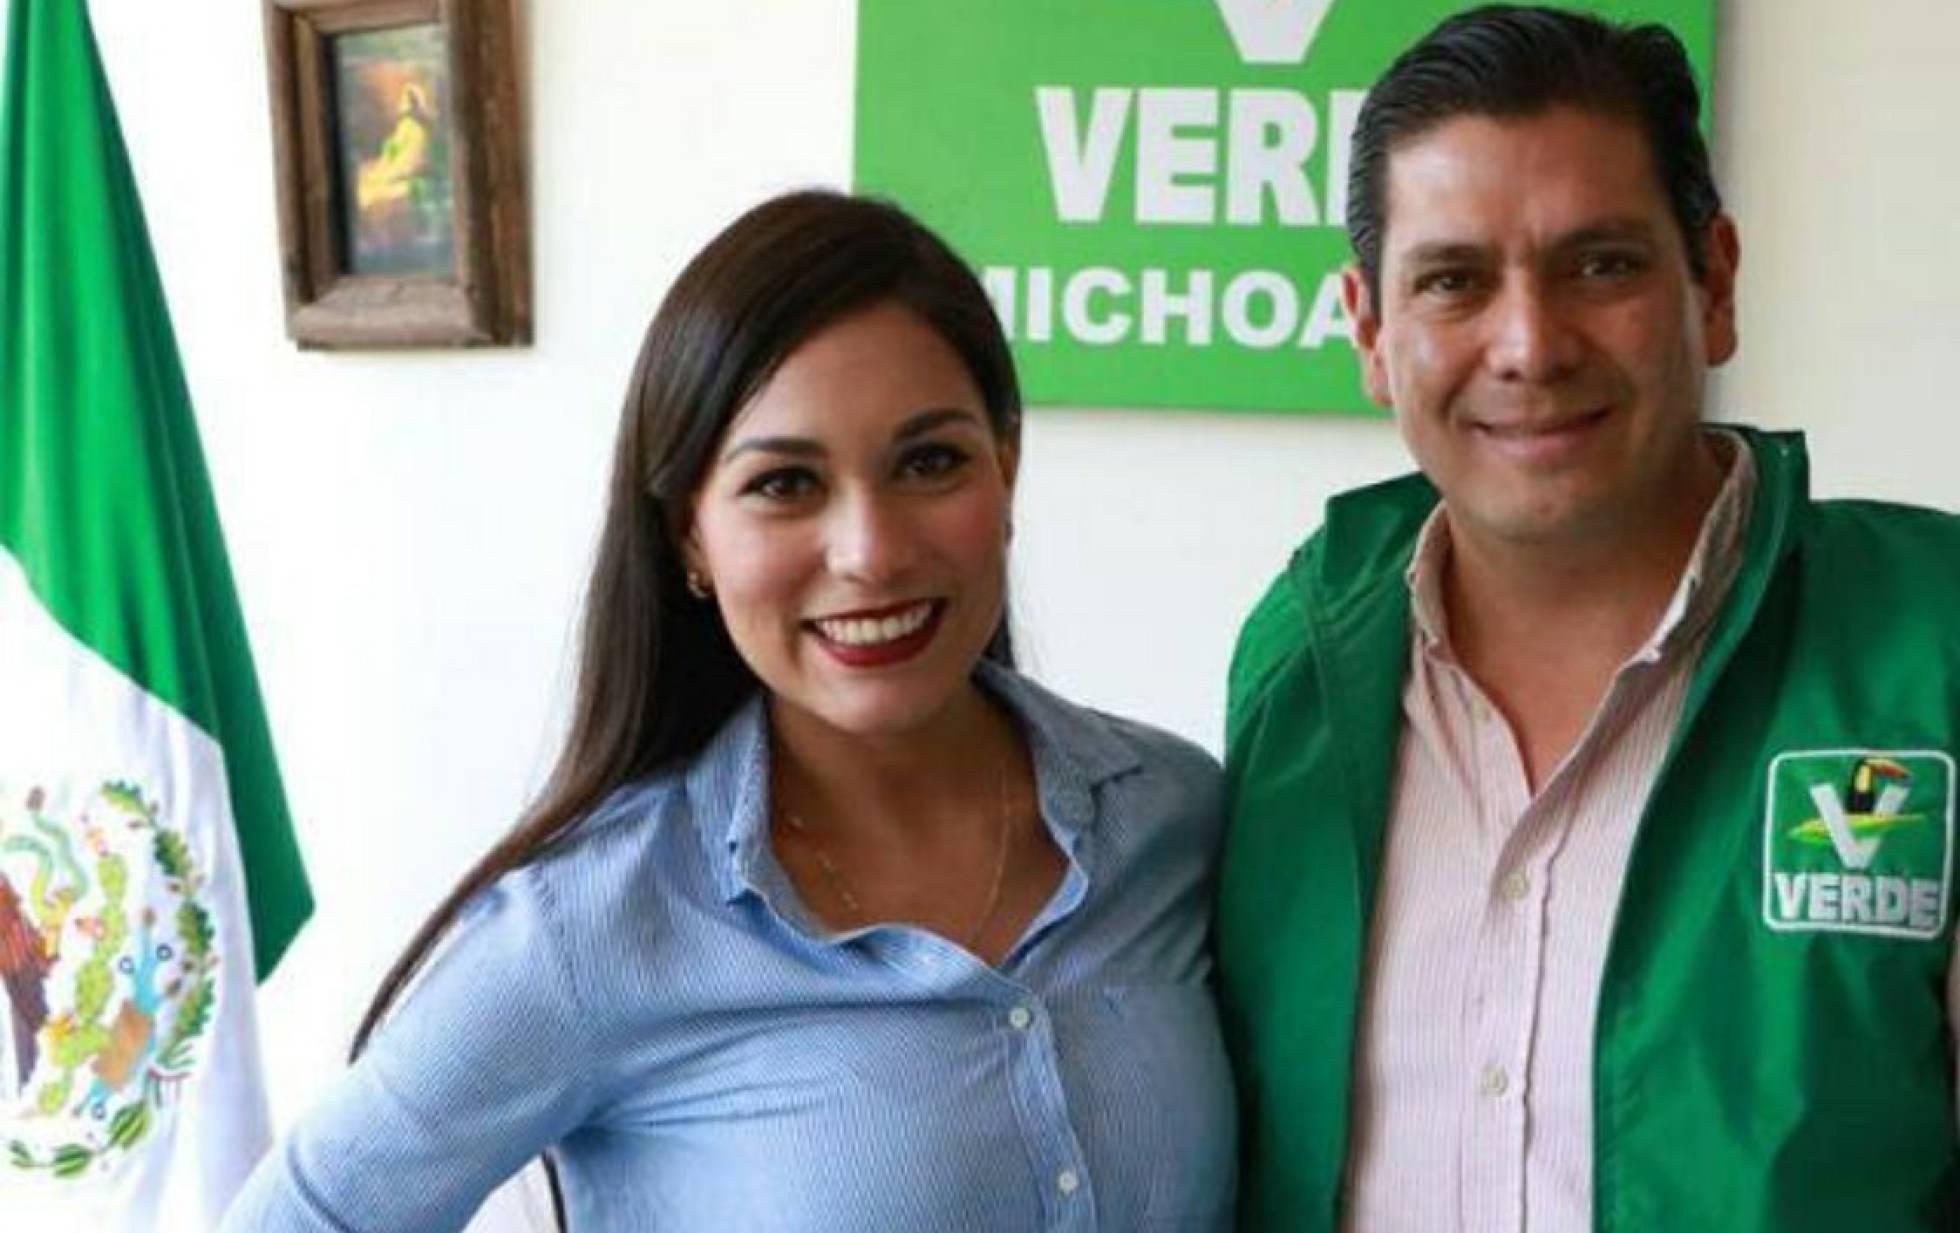 Asesinada una candidata del Partido Verde en Michoacán